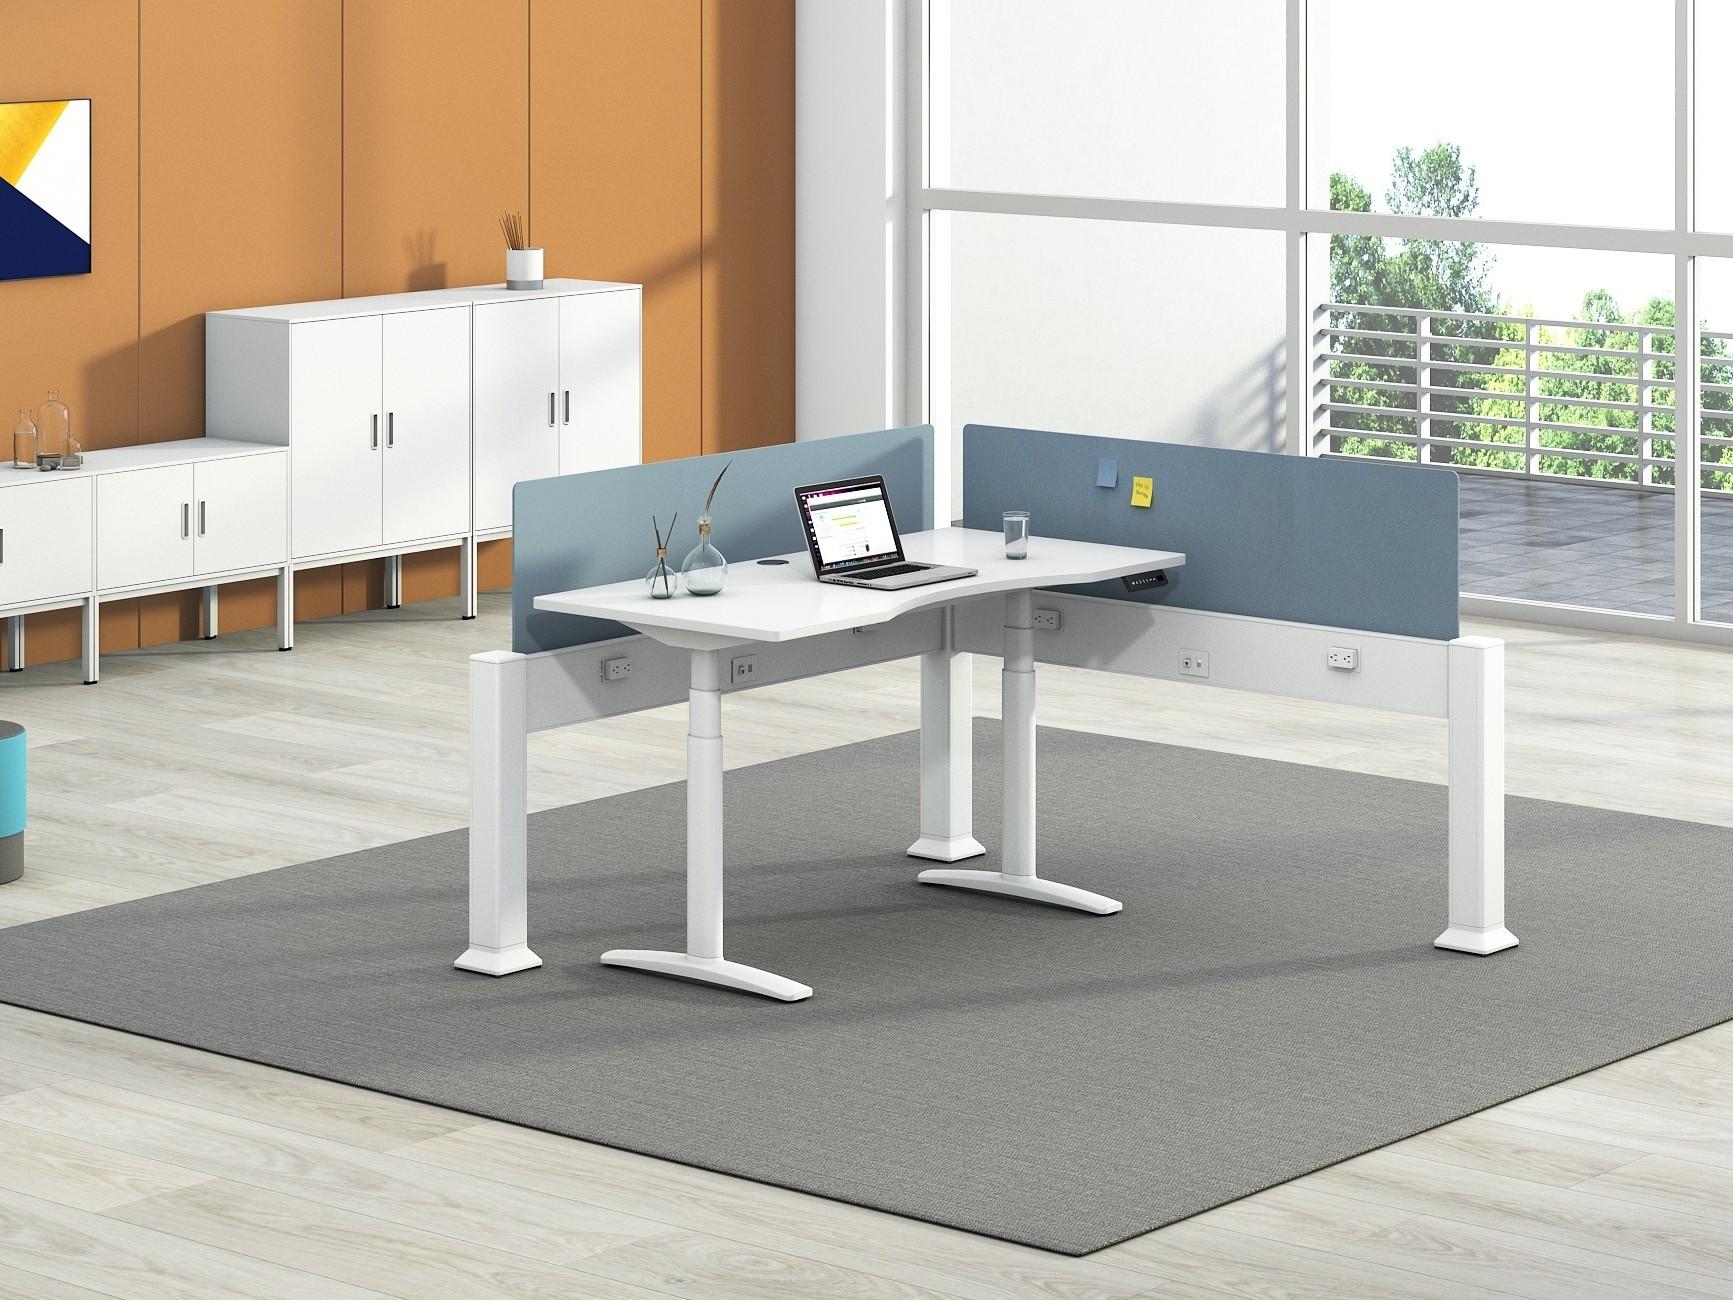 电动升降桌,改变的不仅仅是办公方式